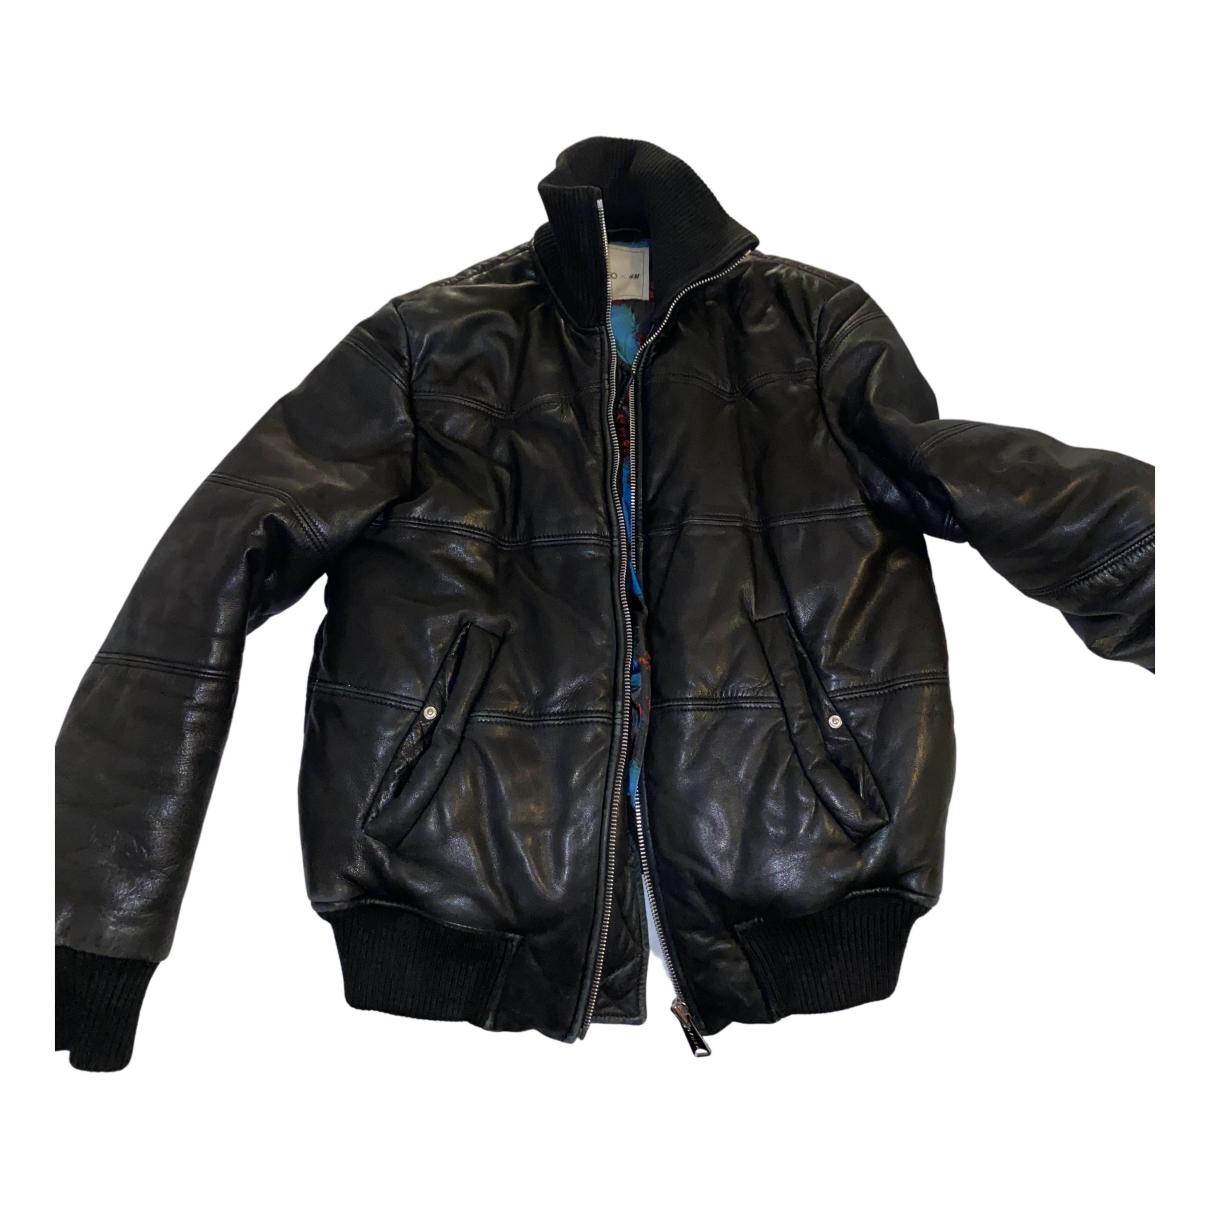 Kenzo X H&m - Veste   pour femme en cuir - noir